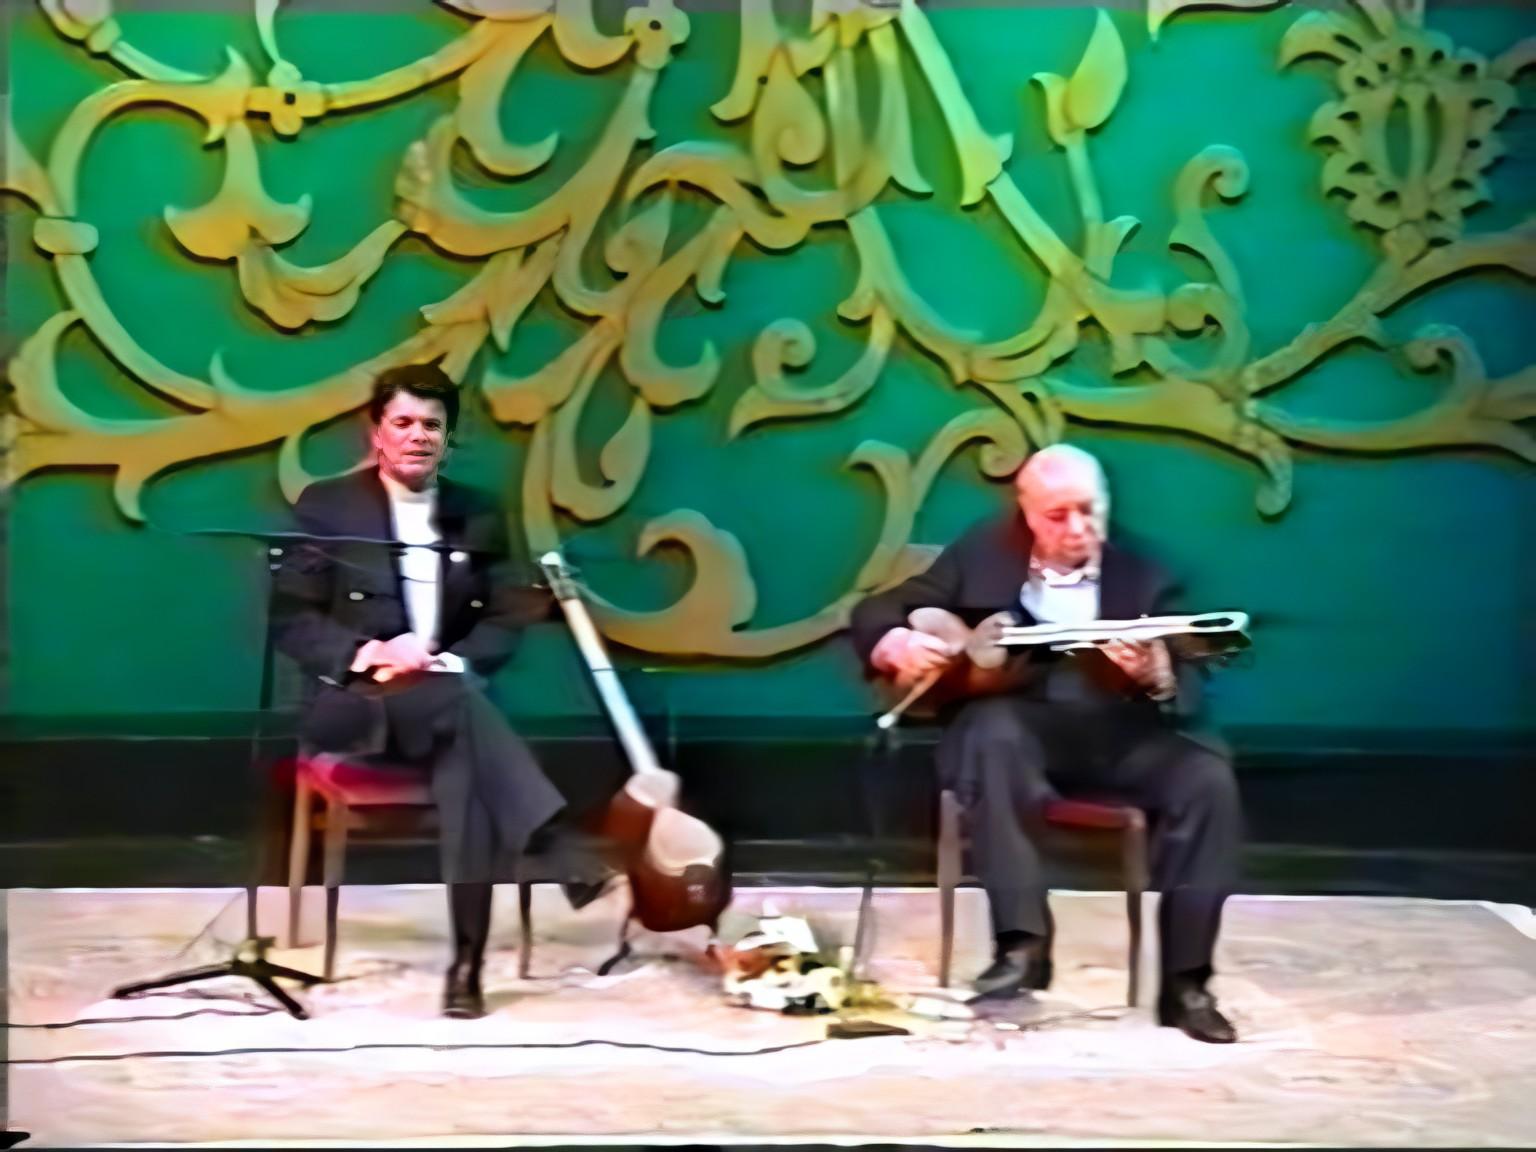 ساز و آواز بداهه در سهگاه و شور - جلیل شهناز و محمدرضا شجریان